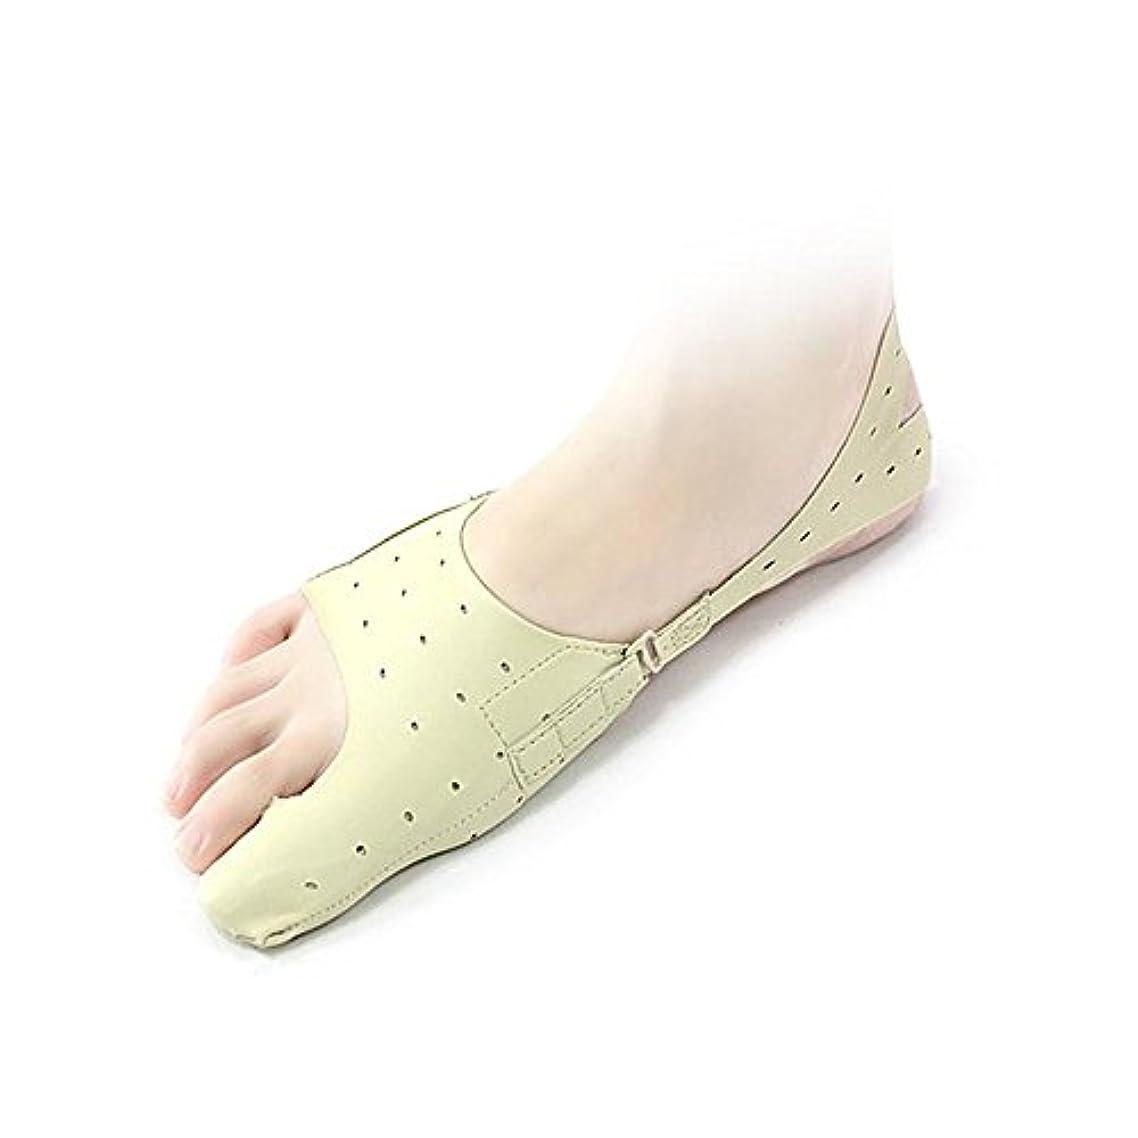 テセウス覗く吸い込む1組の腱膜矯正装置、調節可能な足矯正Seperators、仕立て屋腱膜リリーフソックススリーブ、足のつま先プロテクターストレートフットボールのクッションビッグトゥスペーサー - ハンマー重複つま先